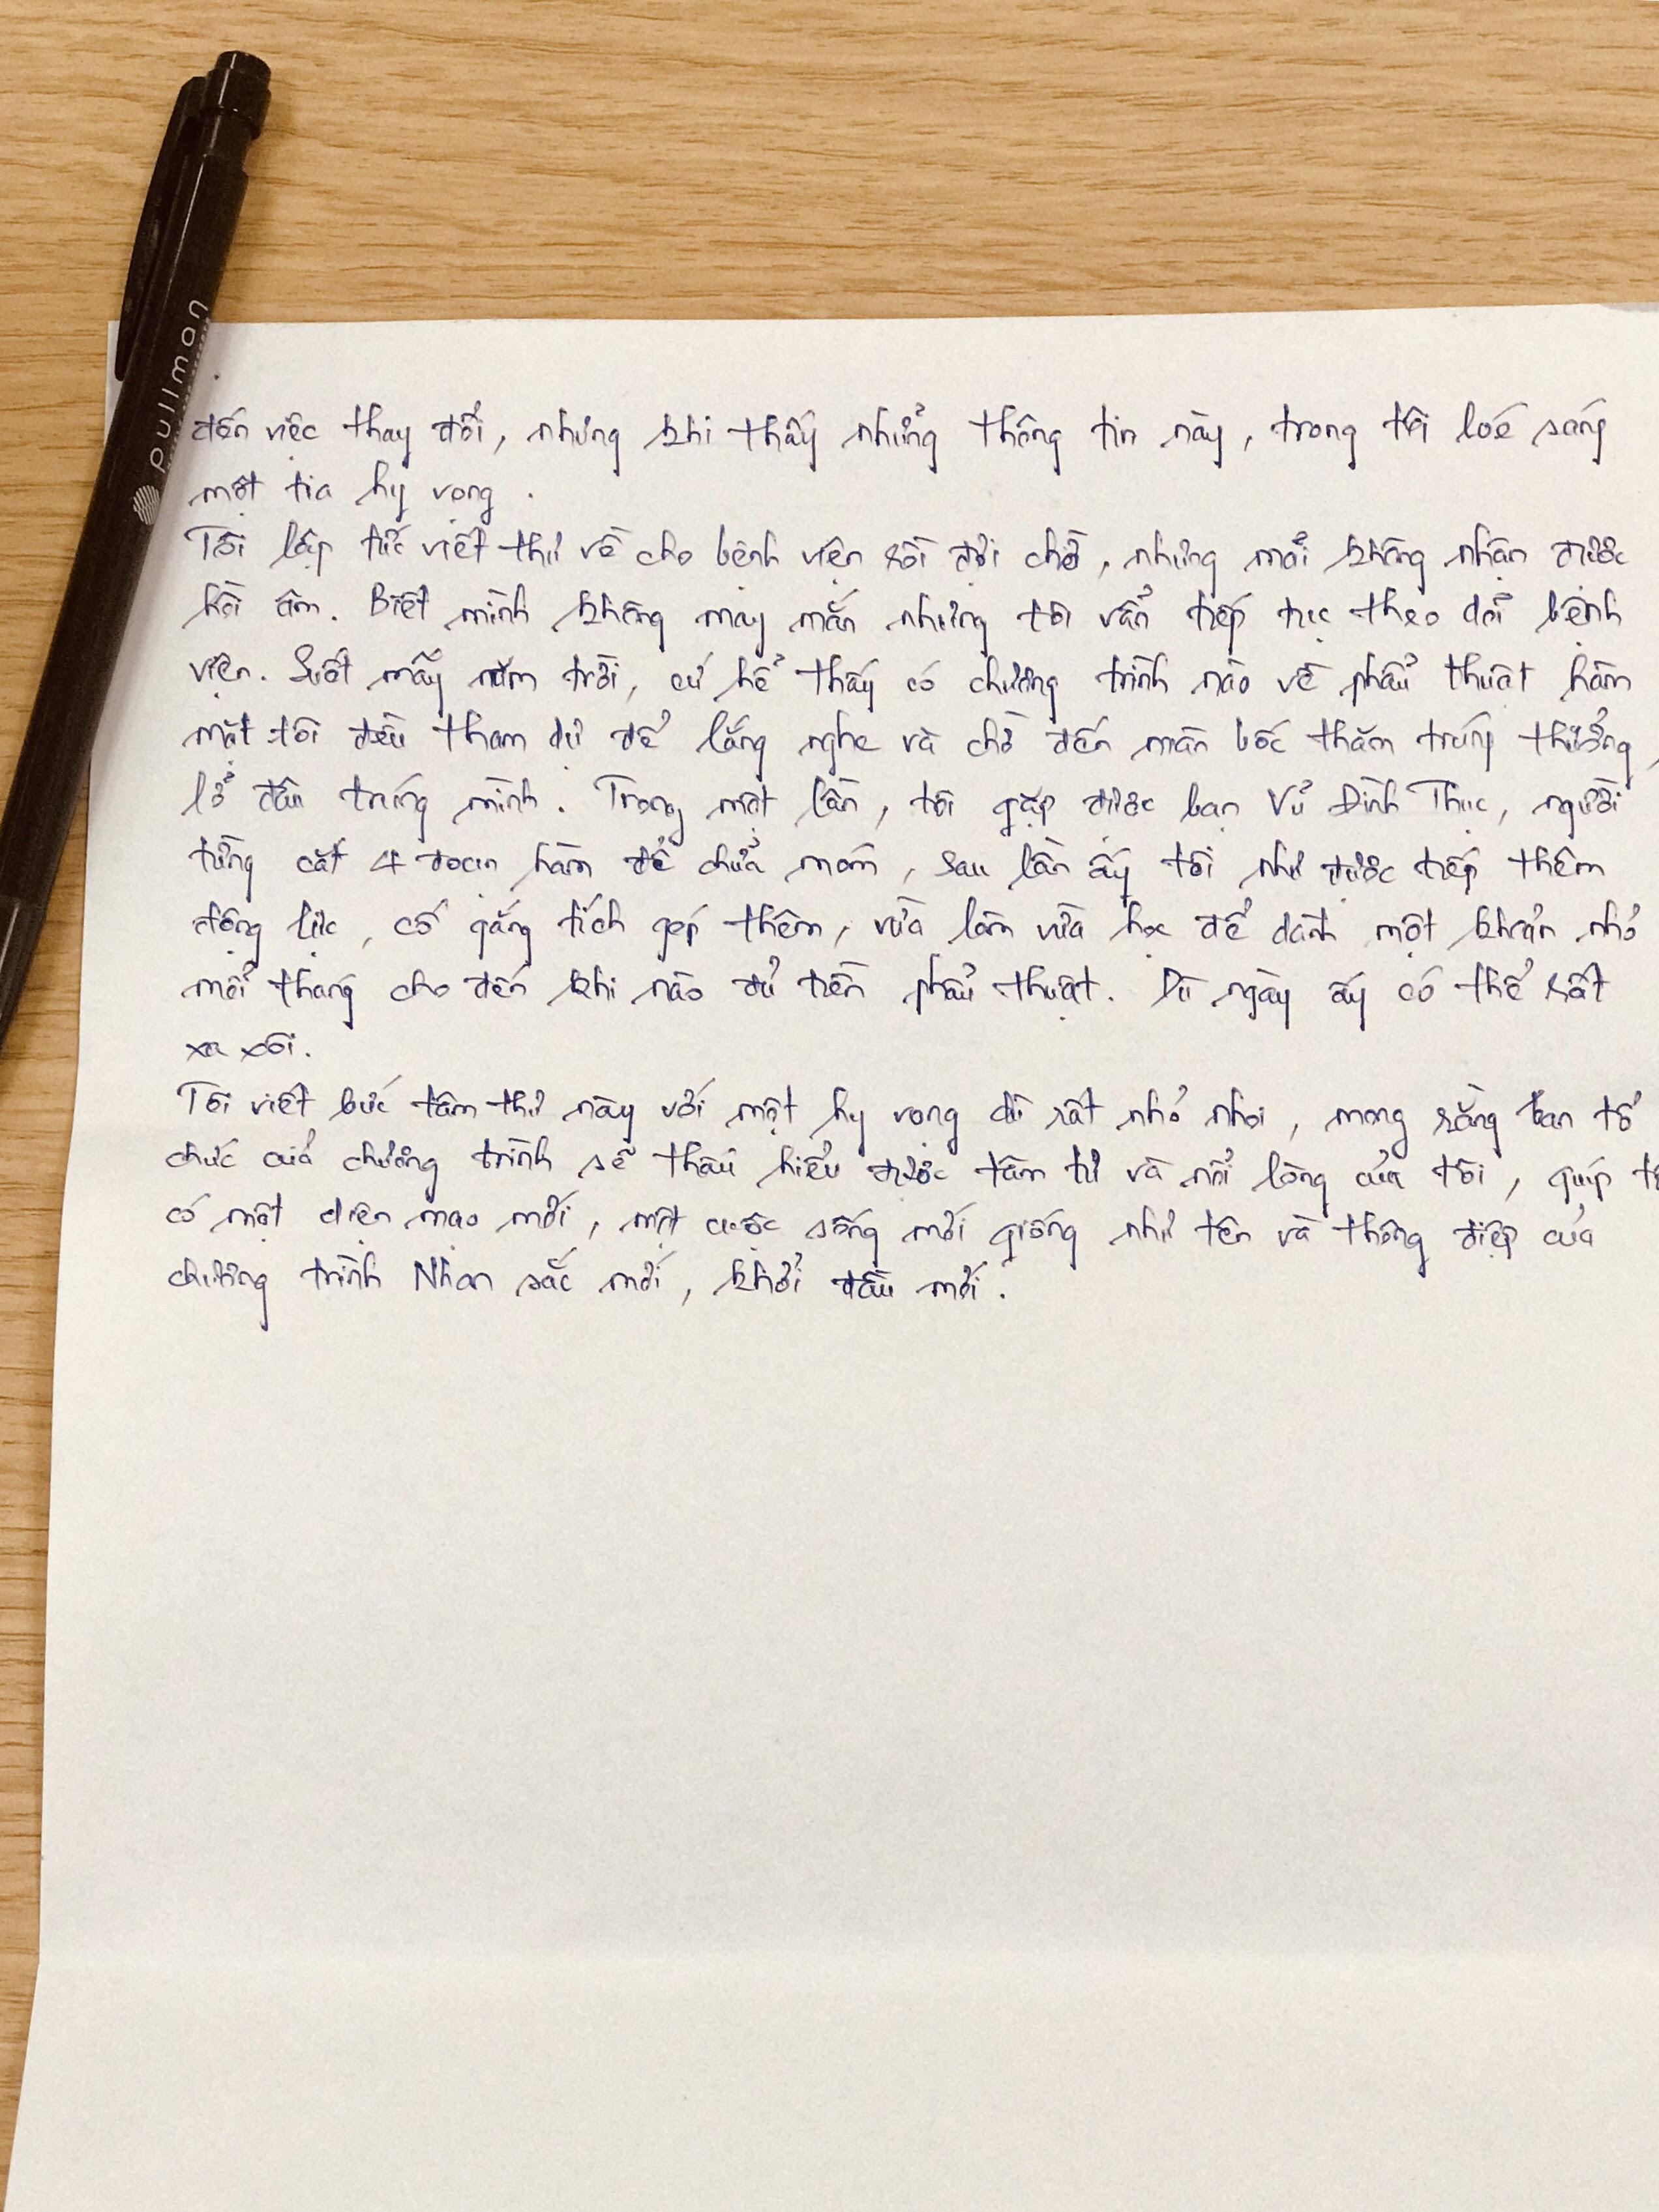 Xôn xao bức tâm thư và điều kì diệu dành cho thạc sĩ xe ôm - Ảnh 5.